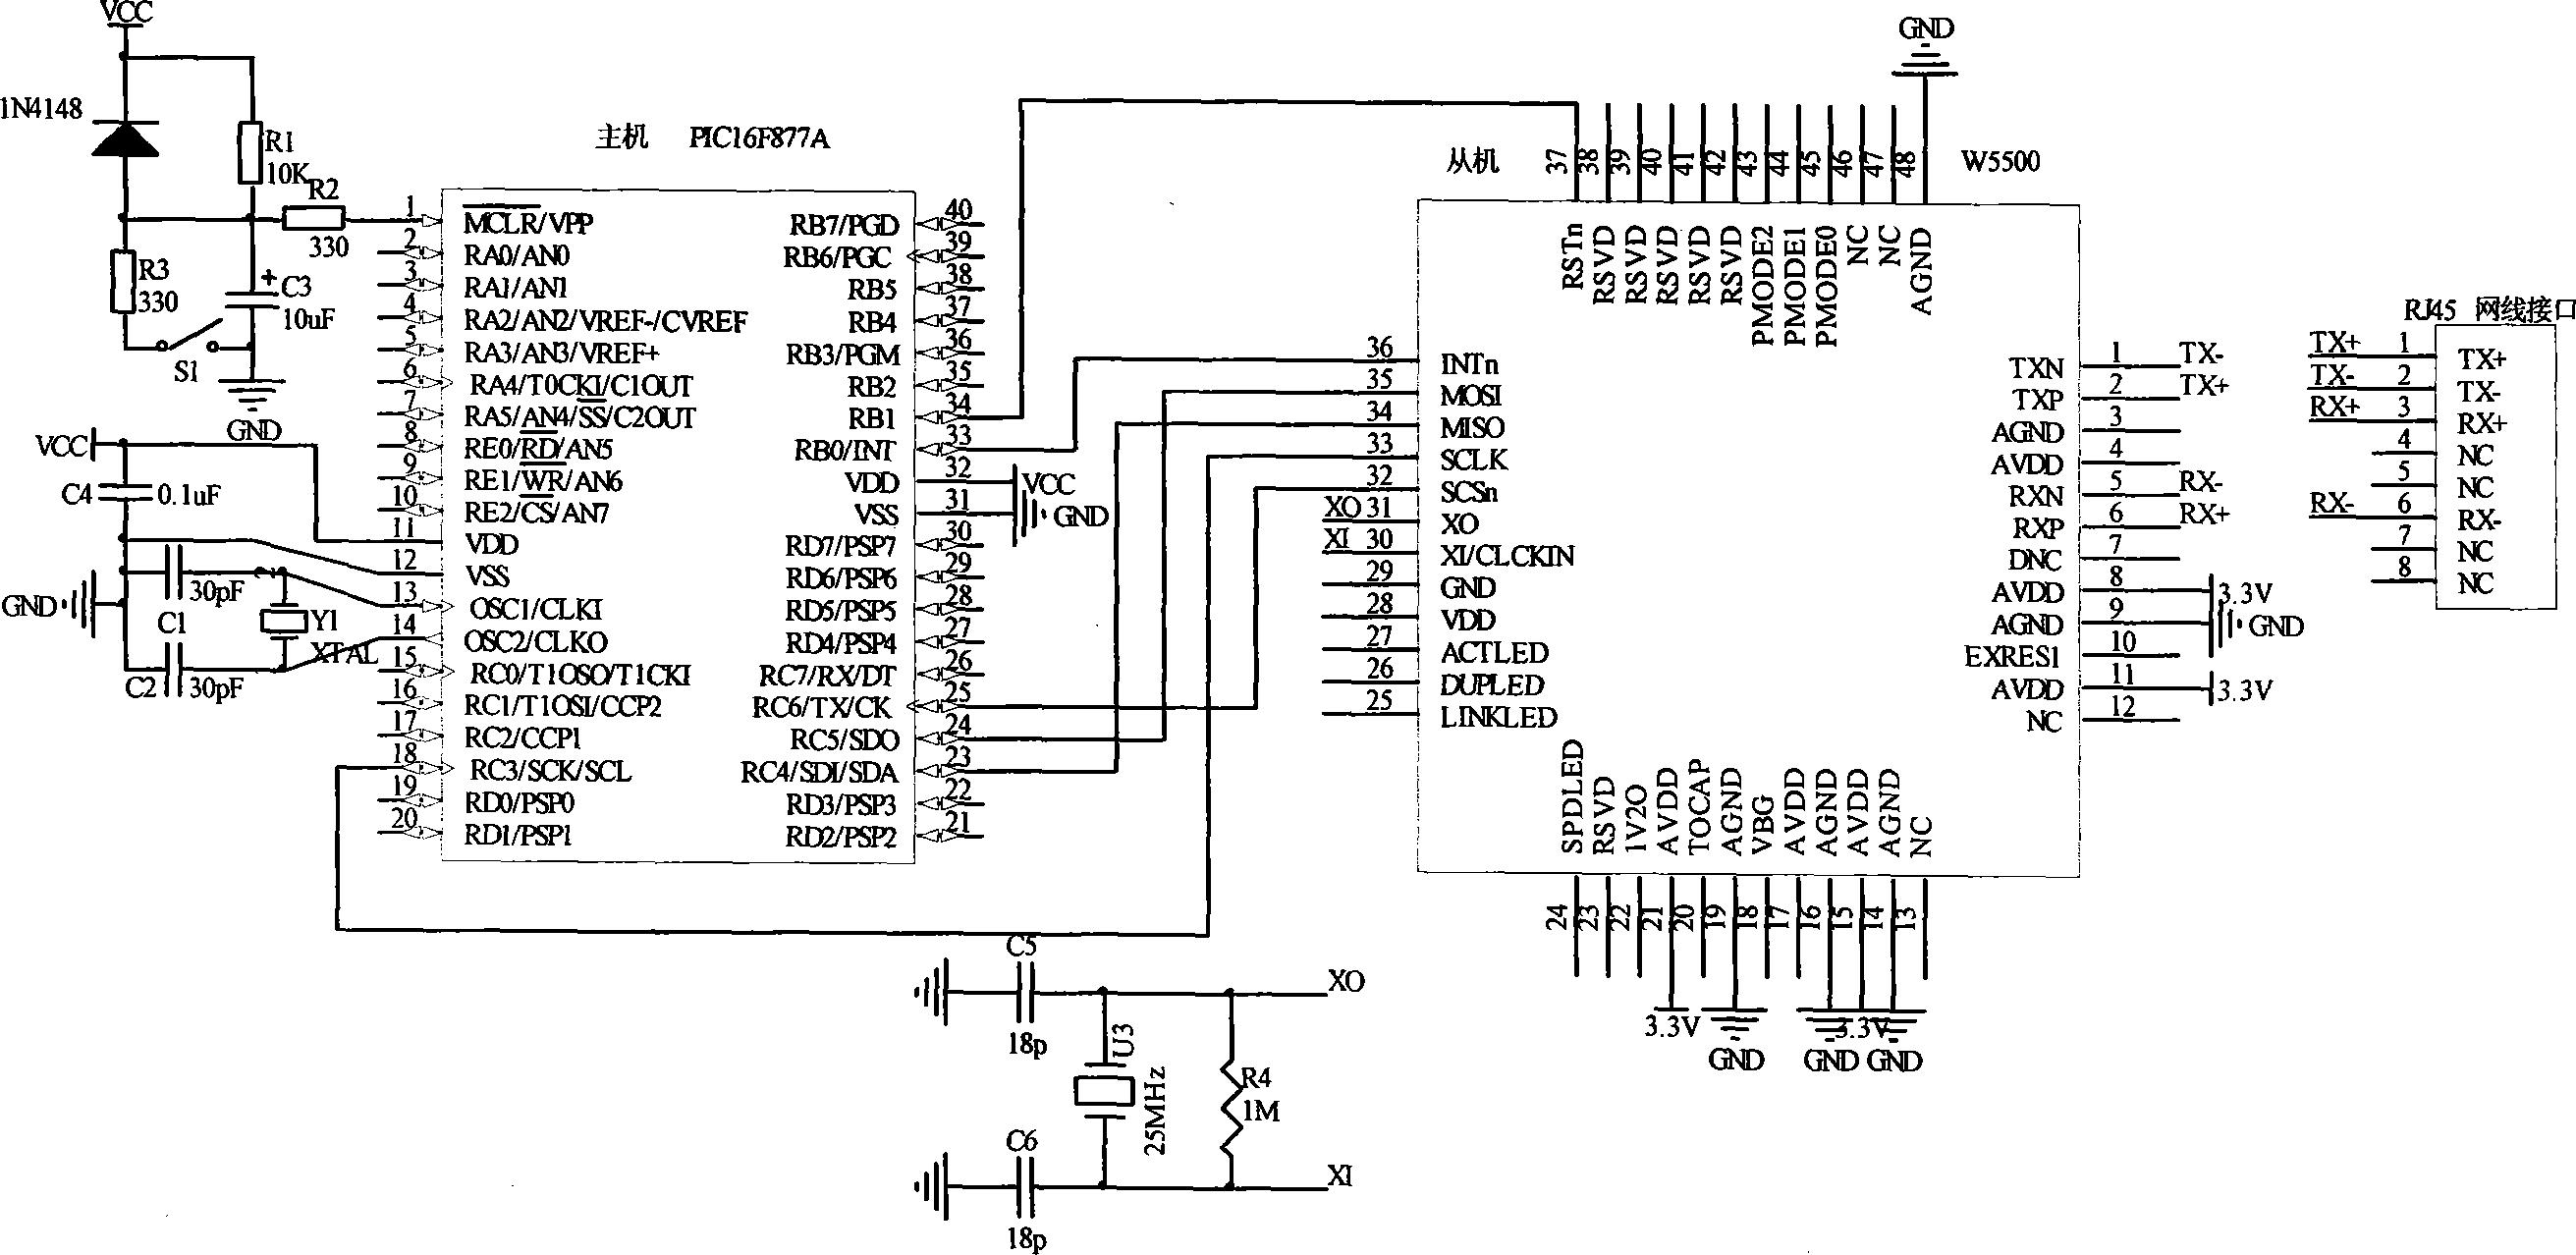 权利要求书   1.一种污水处理厂TCP/IP局域网自动控制系统,其特征在于,PIC16F877A控制器通 过SPI通信协议实现通信芯片W5500实时交换数据,PIC16F877A控制器作为SPI通信的 主控,当控制器在独立实现本终端控制的数据采集和控制指令输出时,PIC16F877A控制器 实时将相关寄存器的数据通信芯片W5500传送并读取局域网上传送来的数据,通信芯片 W5500将数据以TCP/IP协议输送到局域网上,符合数据地址要求的控制器接收到该数据作 出相应的动作响应,实现终端机的数字和模拟